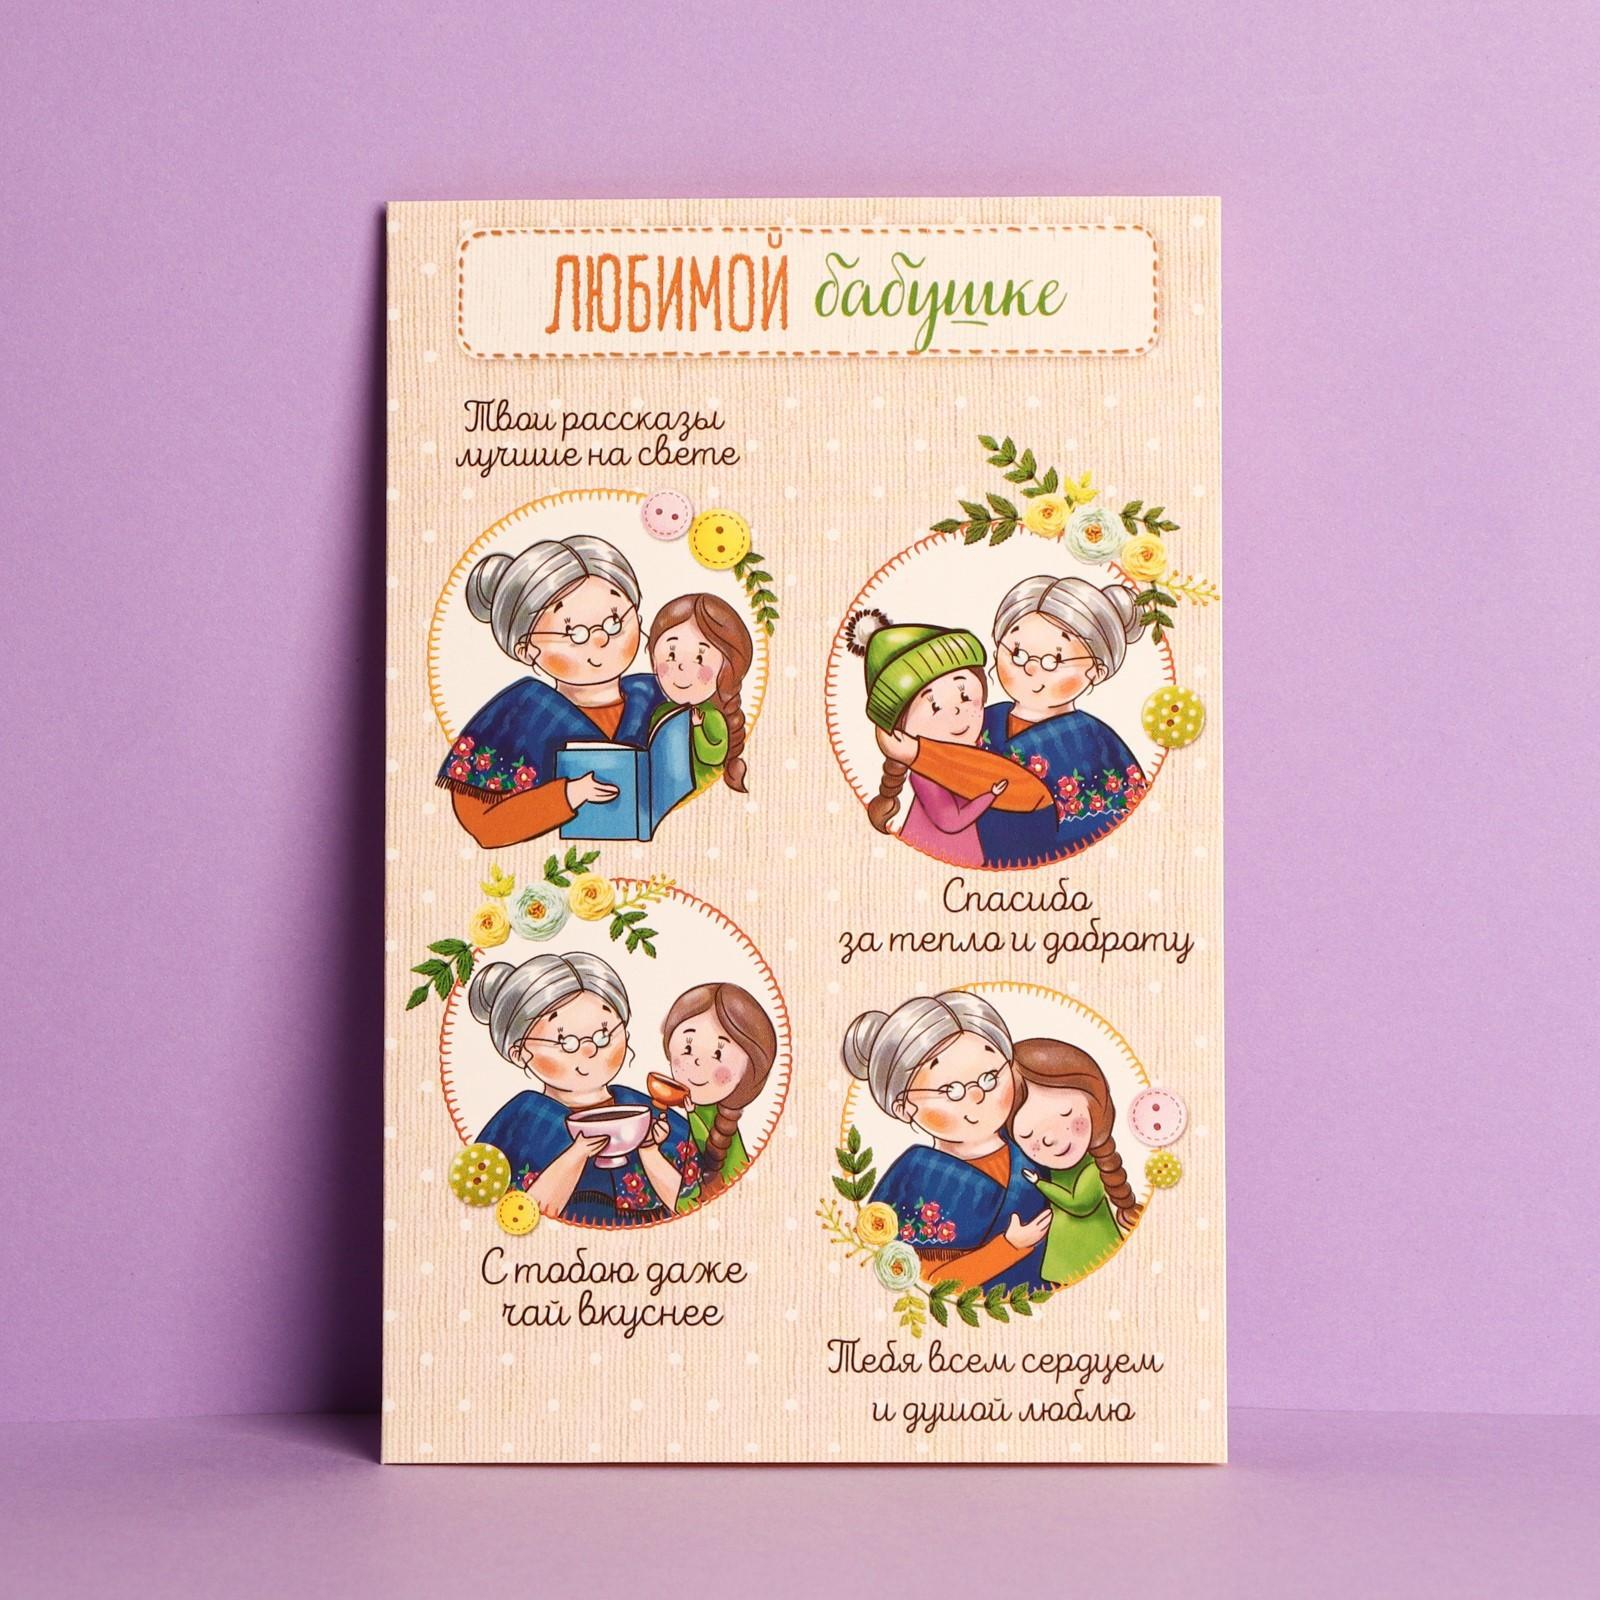 Озон открытка бабушке